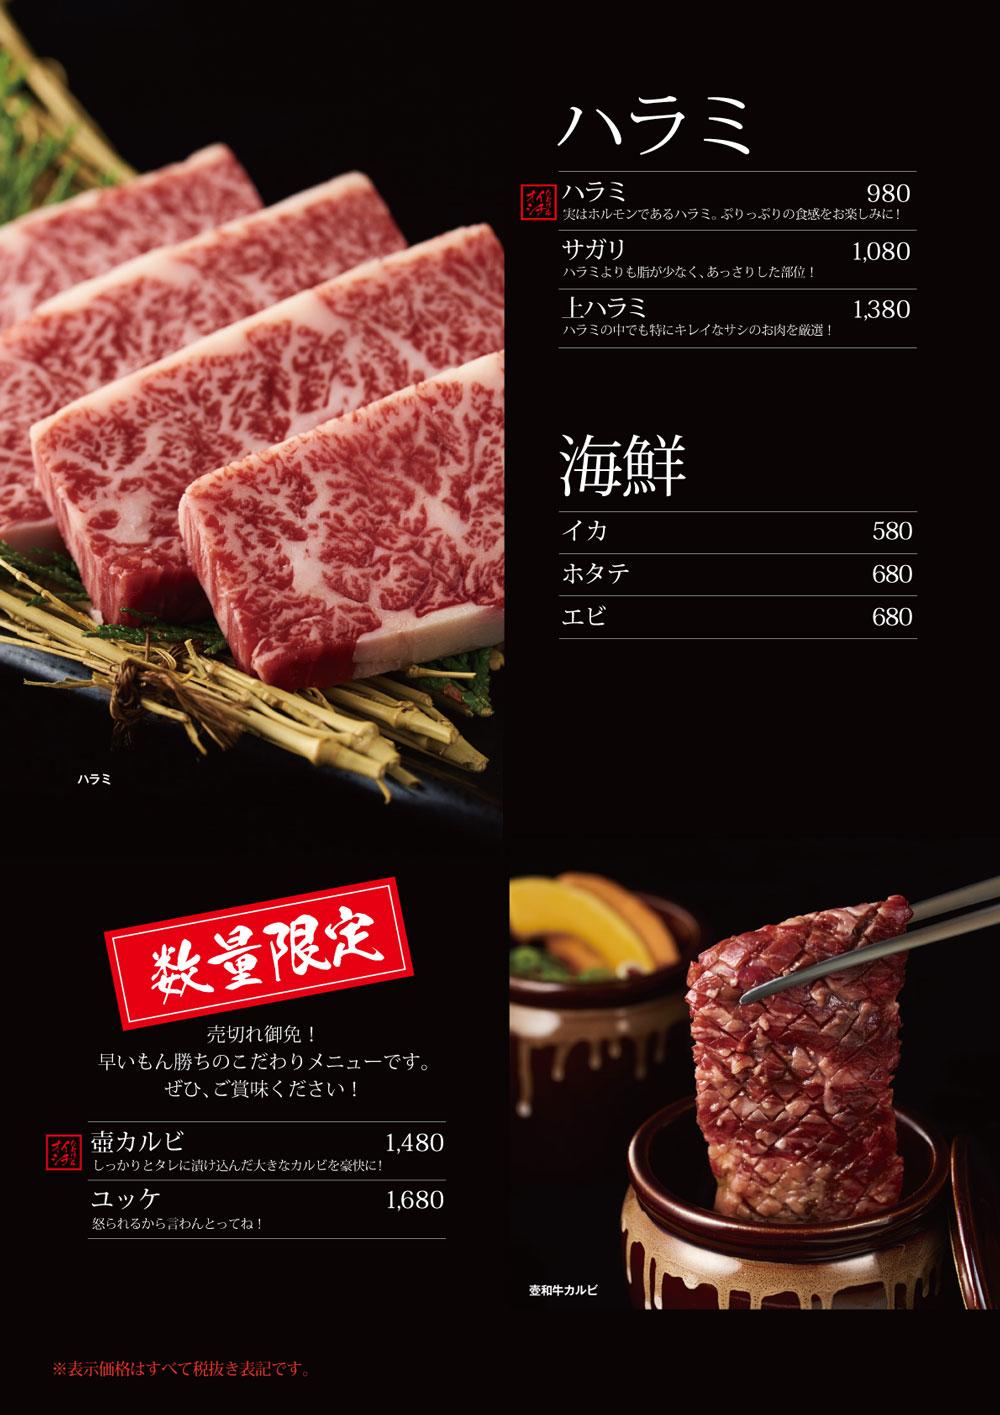 ハラミ・赤身肉・海鮮